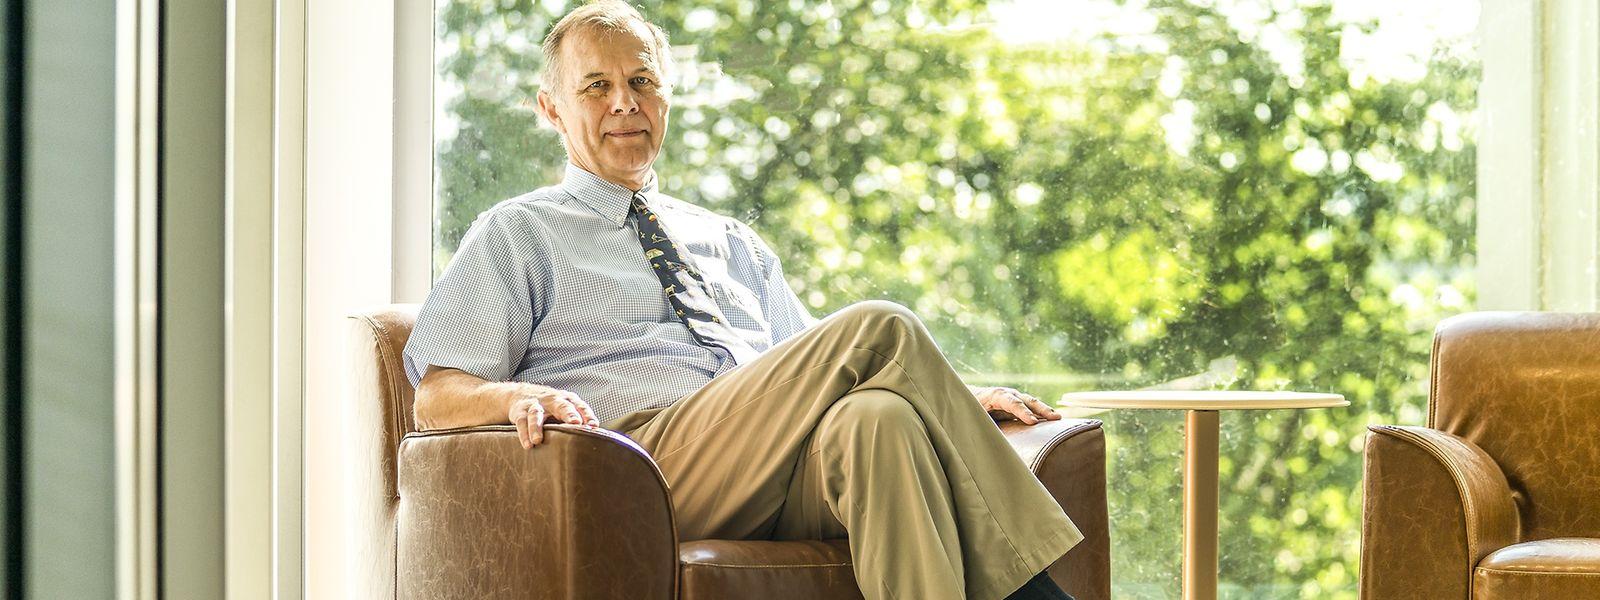 François Elvinger leitet ein Labor mit rund 220 Wissenschaftlern und Technikern.